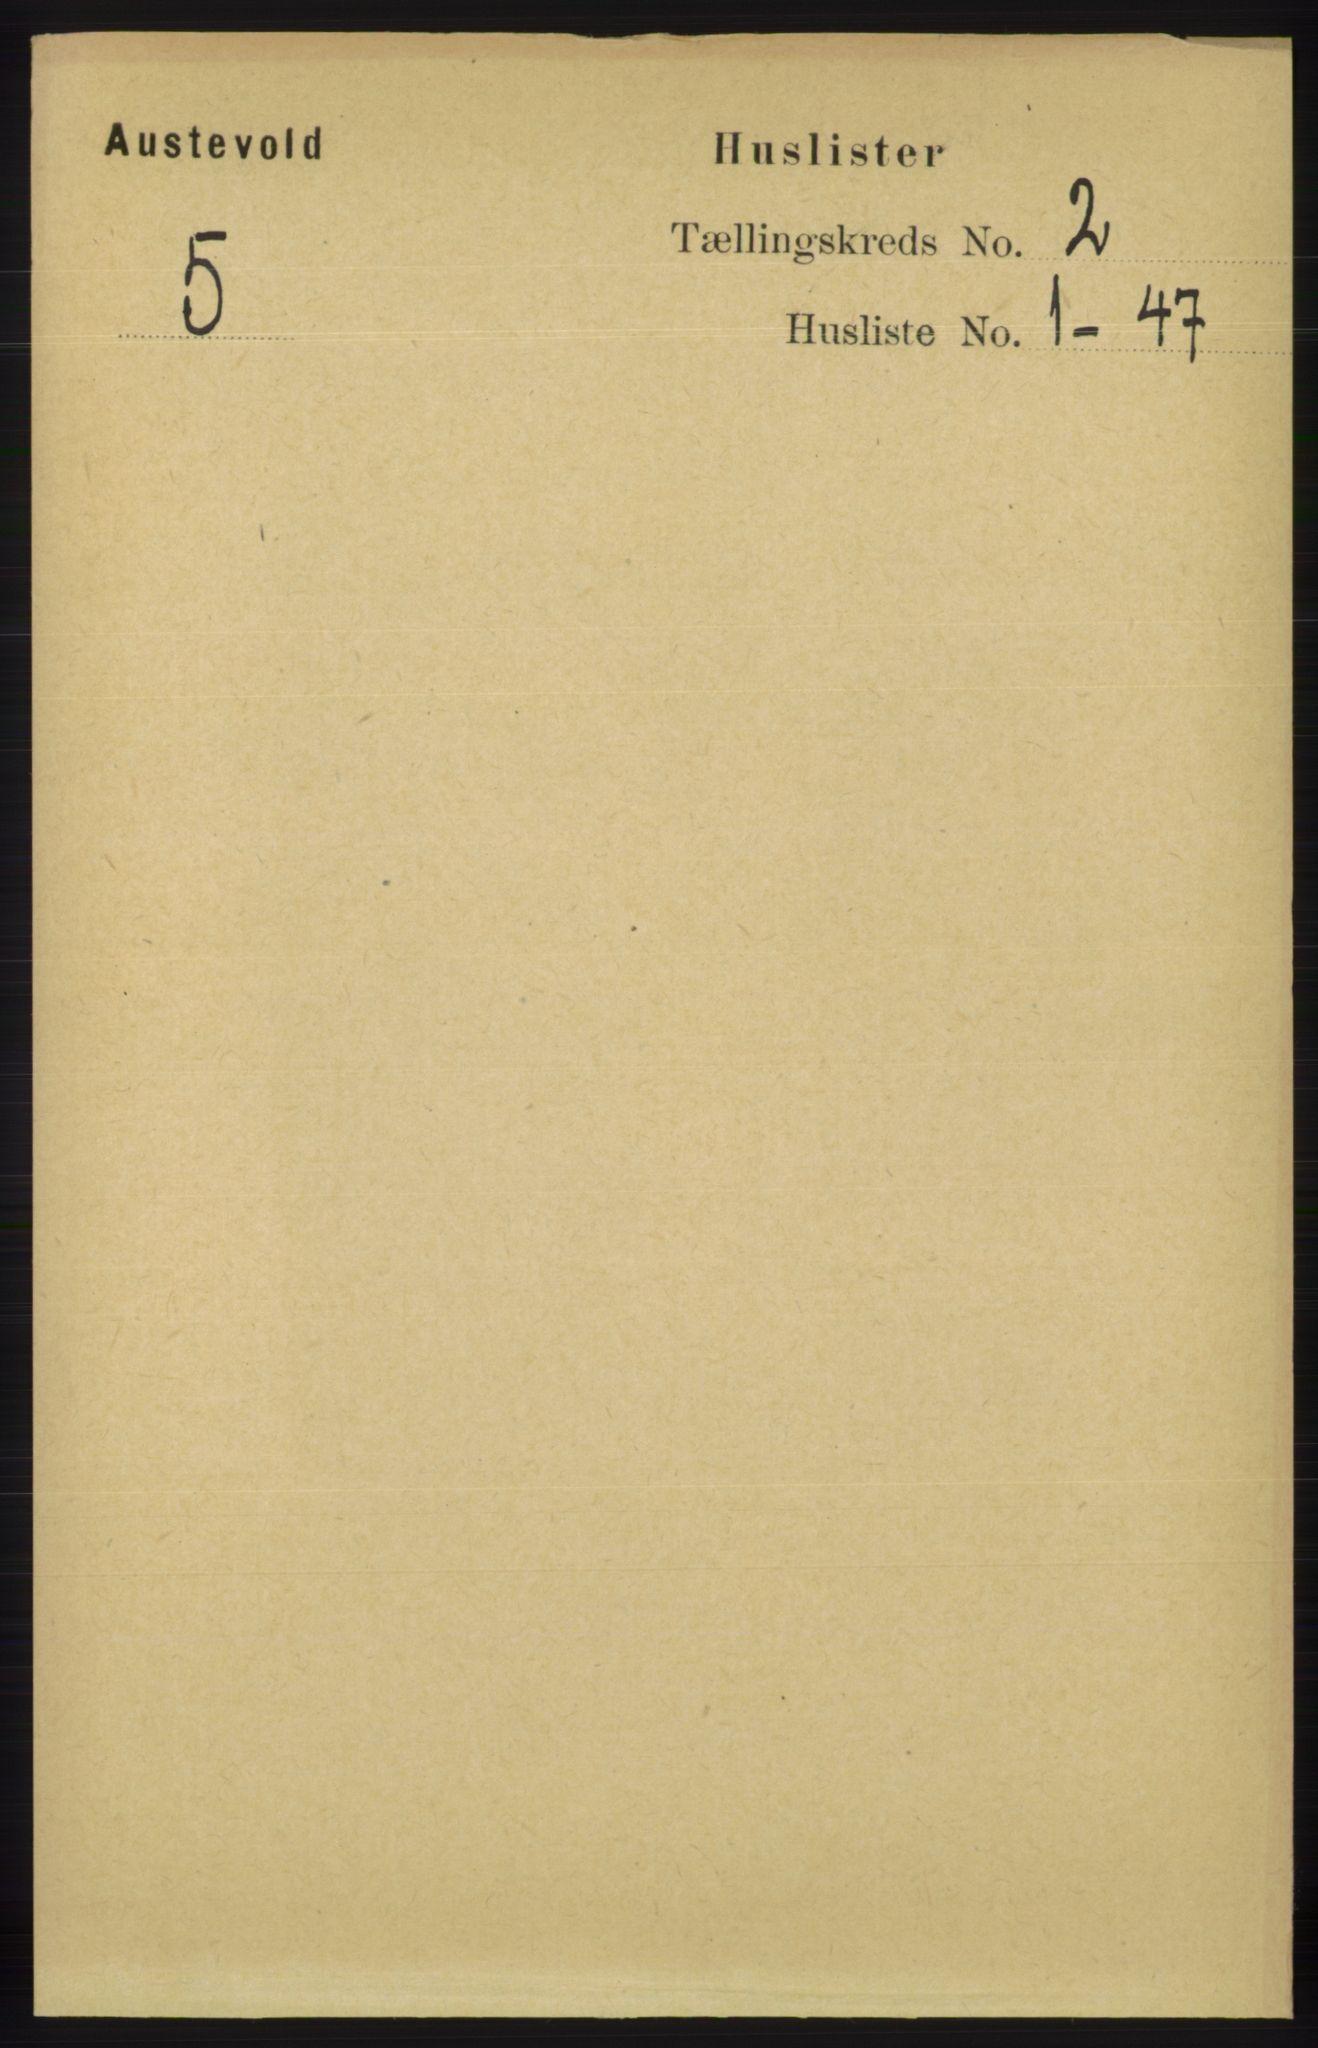 RA, Folketelling 1891 for 1244 Austevoll herred, 1891, s. 565